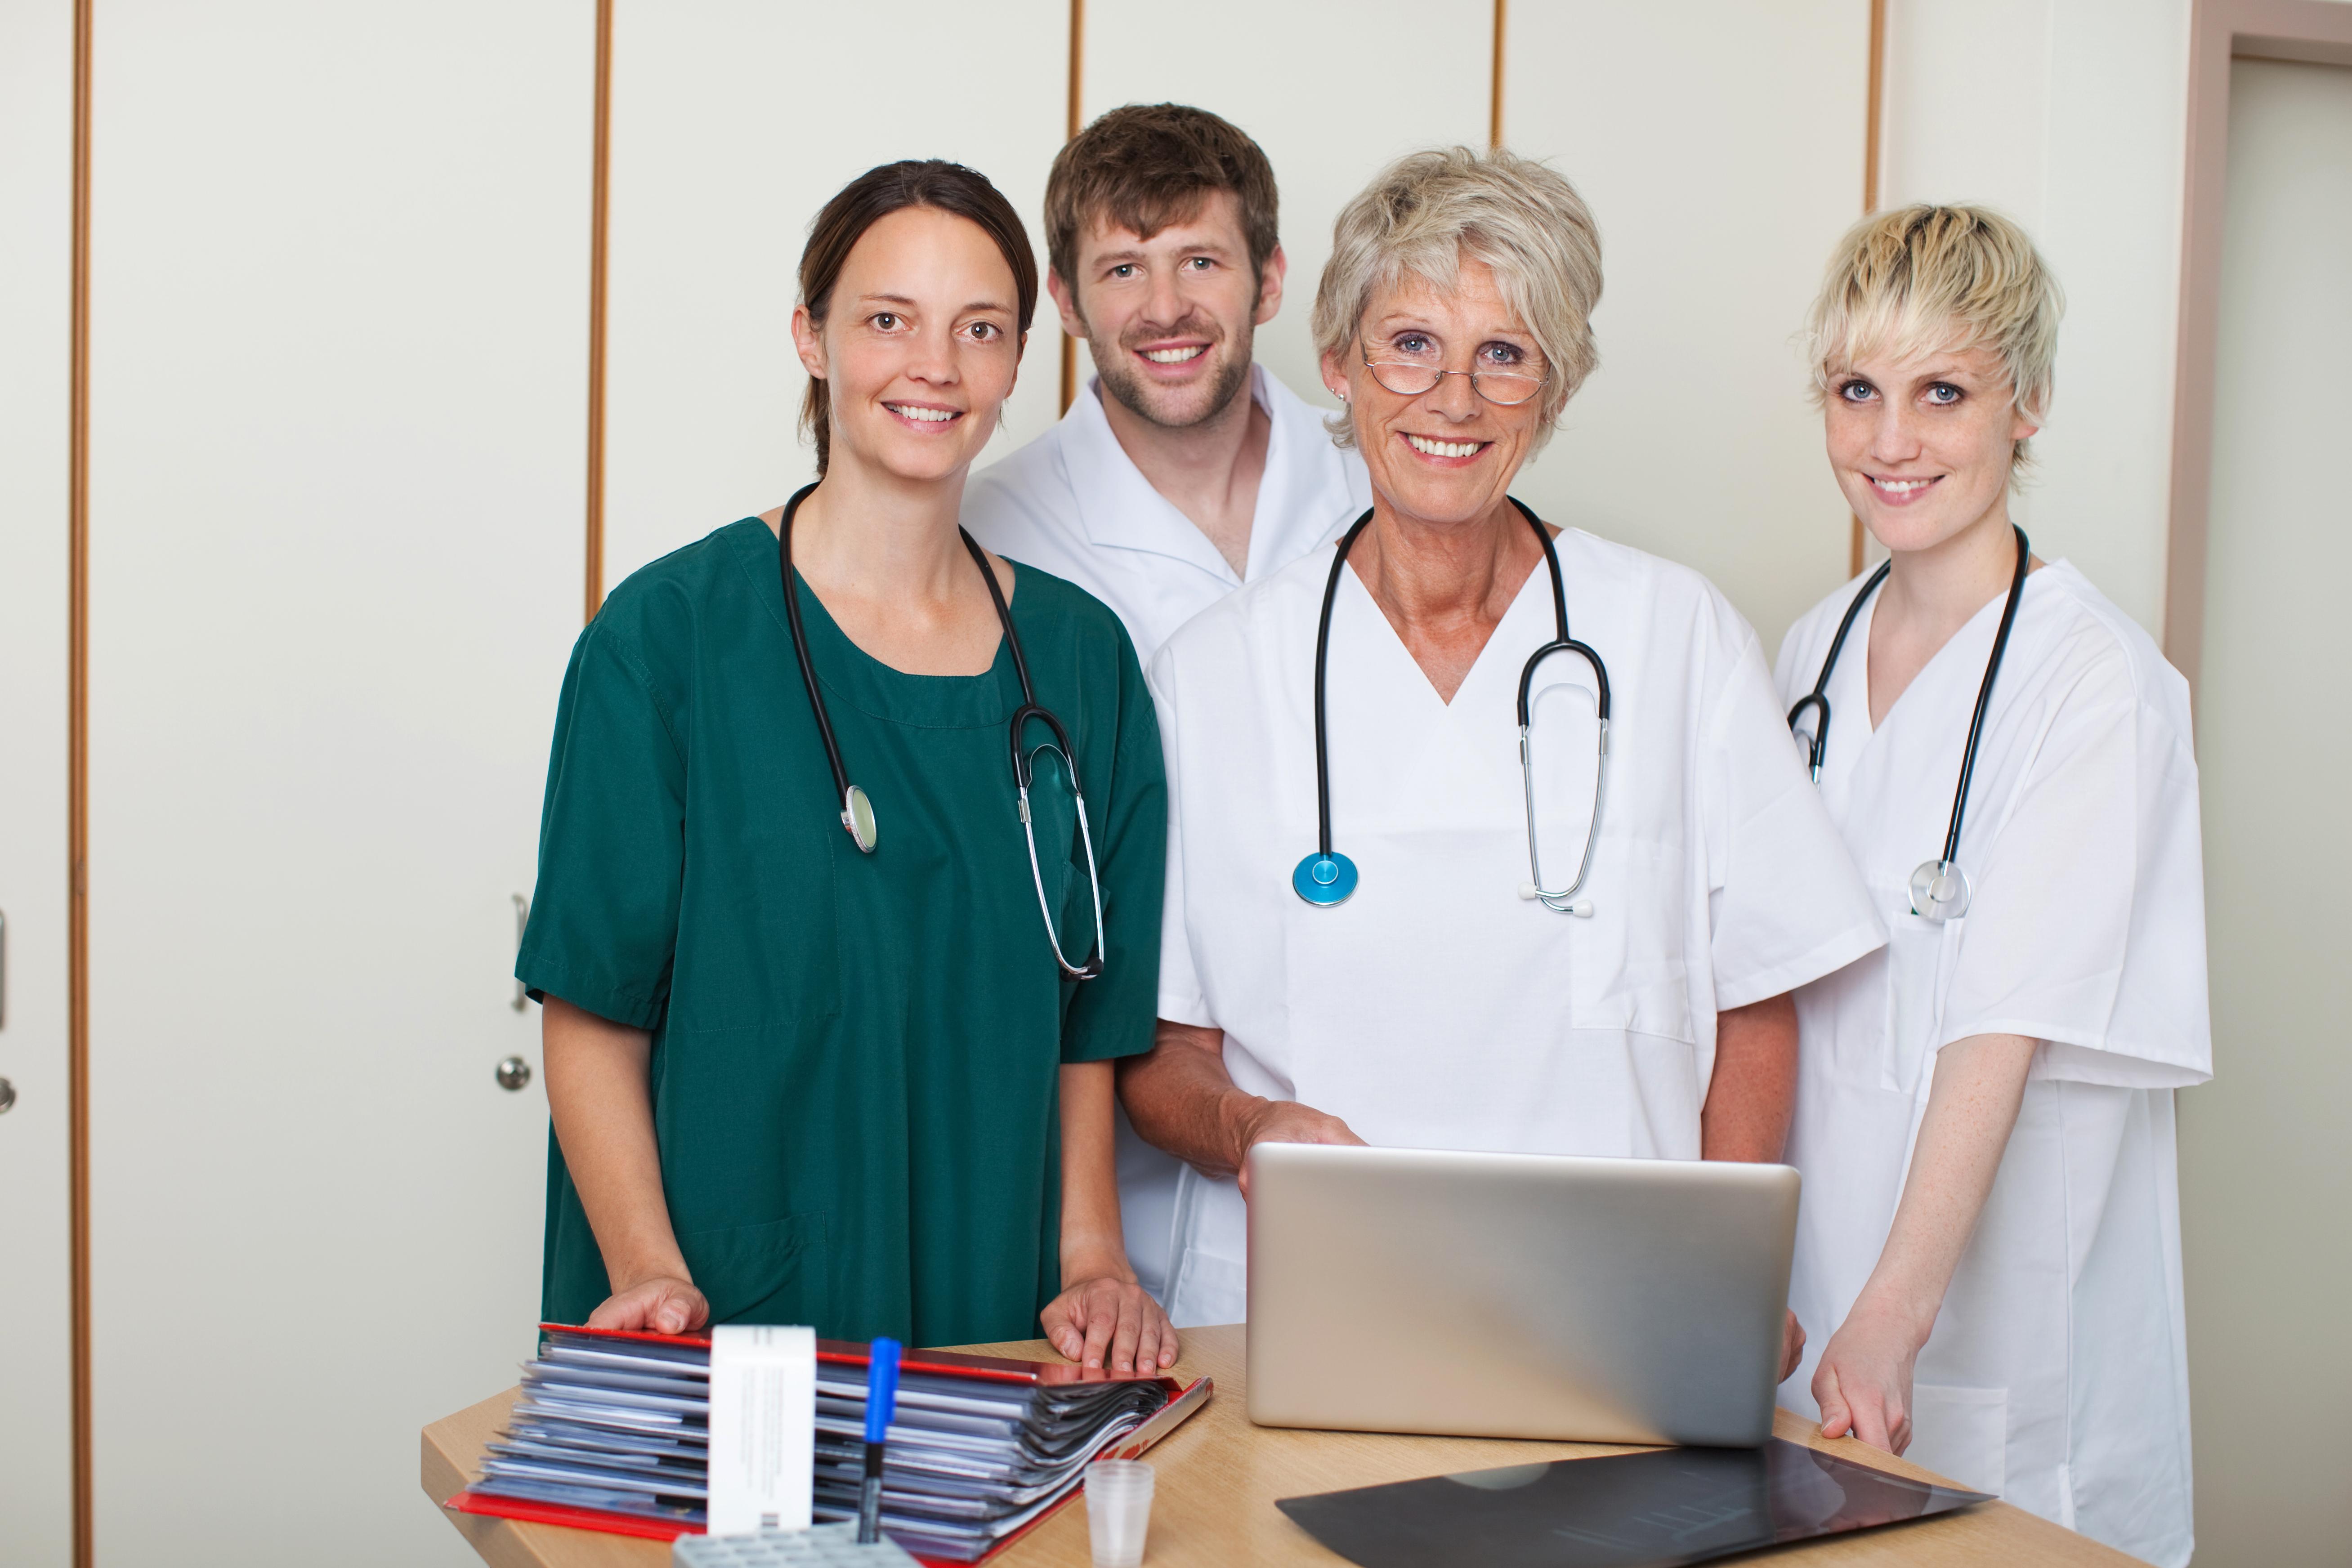 Läkarledda sjukhus var vanligare förr men nu visar forskning att det kan ha sina fördelar att en person med läkarbakgrund leder sjukhuset.